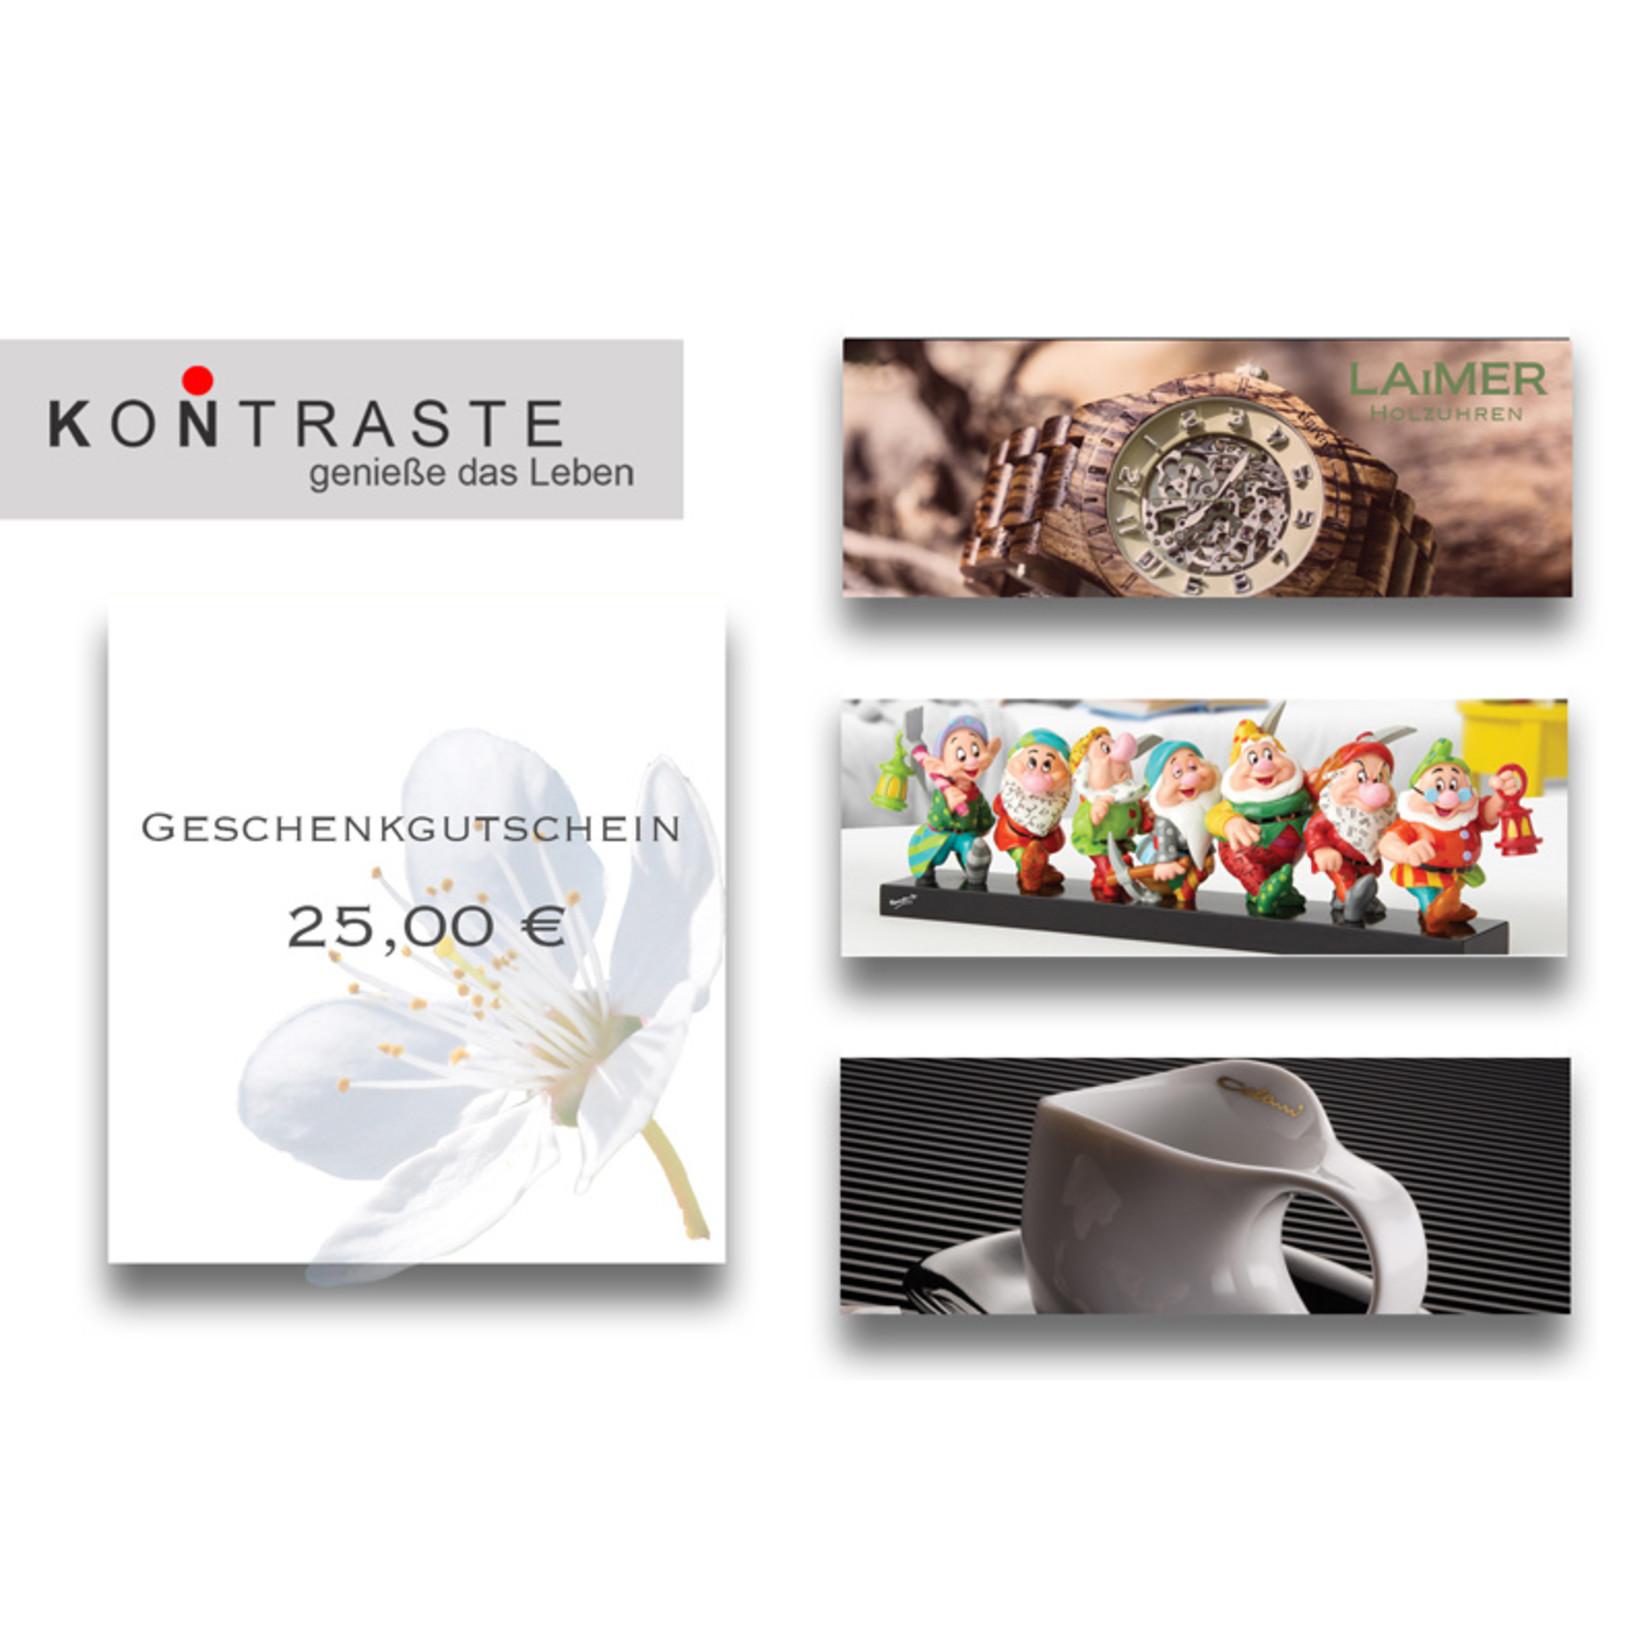 Geschenkgutschein 25,00 € I online & im Geschäft einlösbar